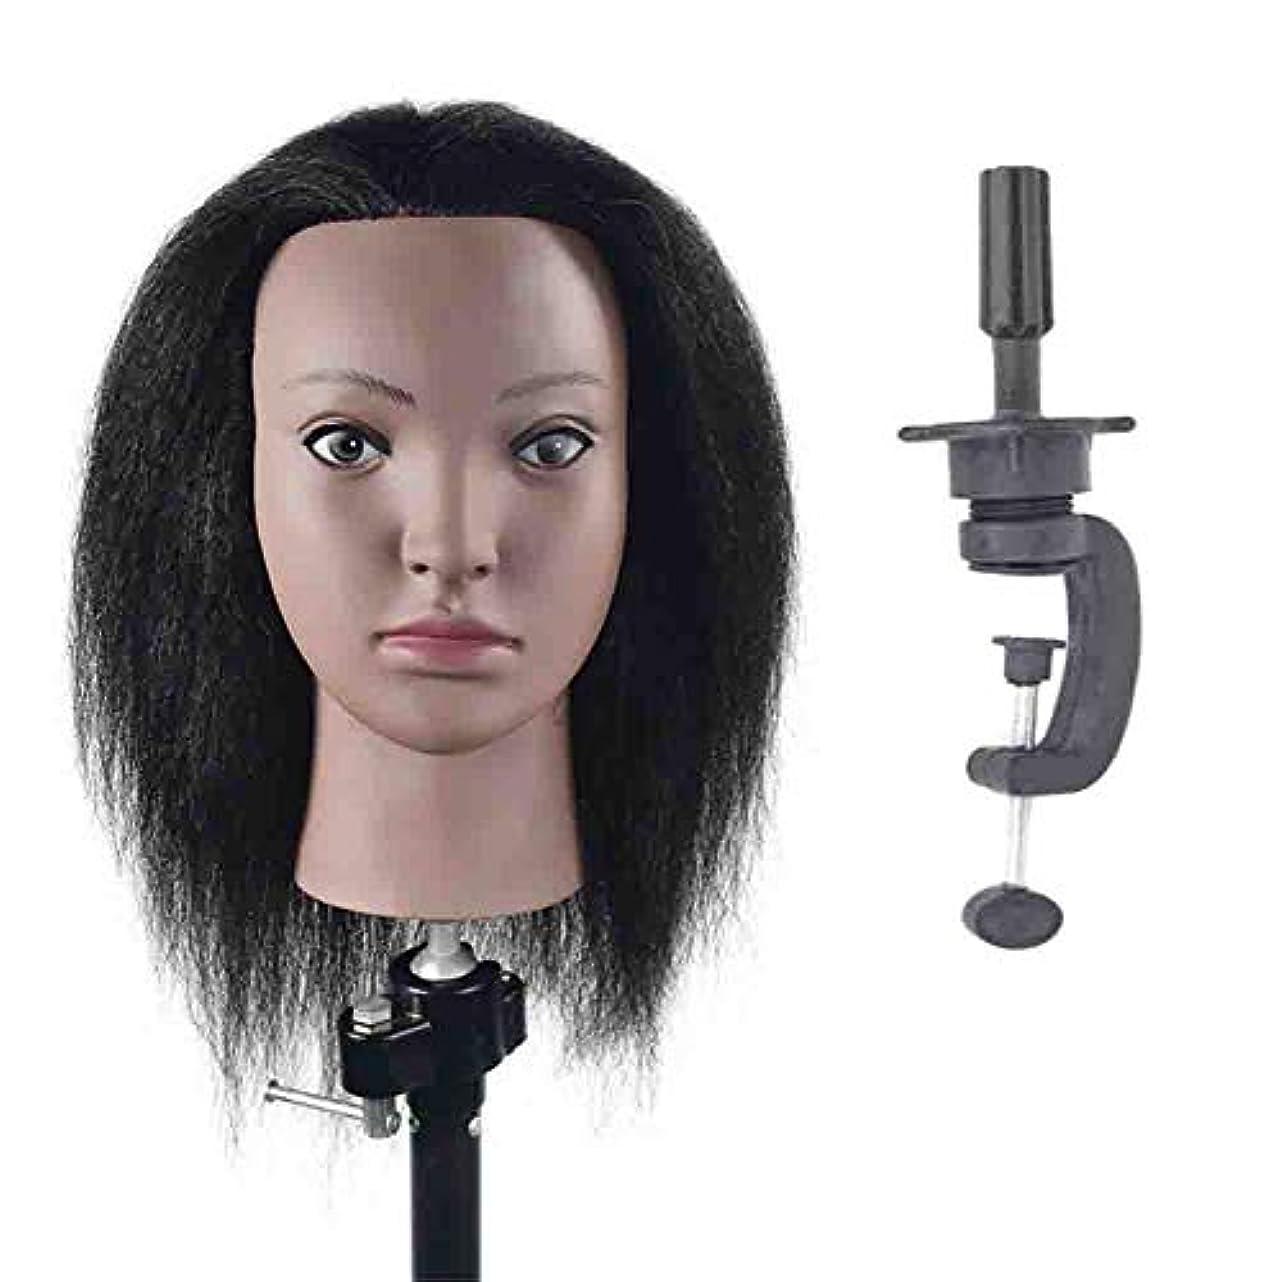 不愉快にテセウス亜熱帯練習ディスク髪編組ヘアモデル理髪店スクールティーチングヘッドロングかつら美容マネキンヘッド